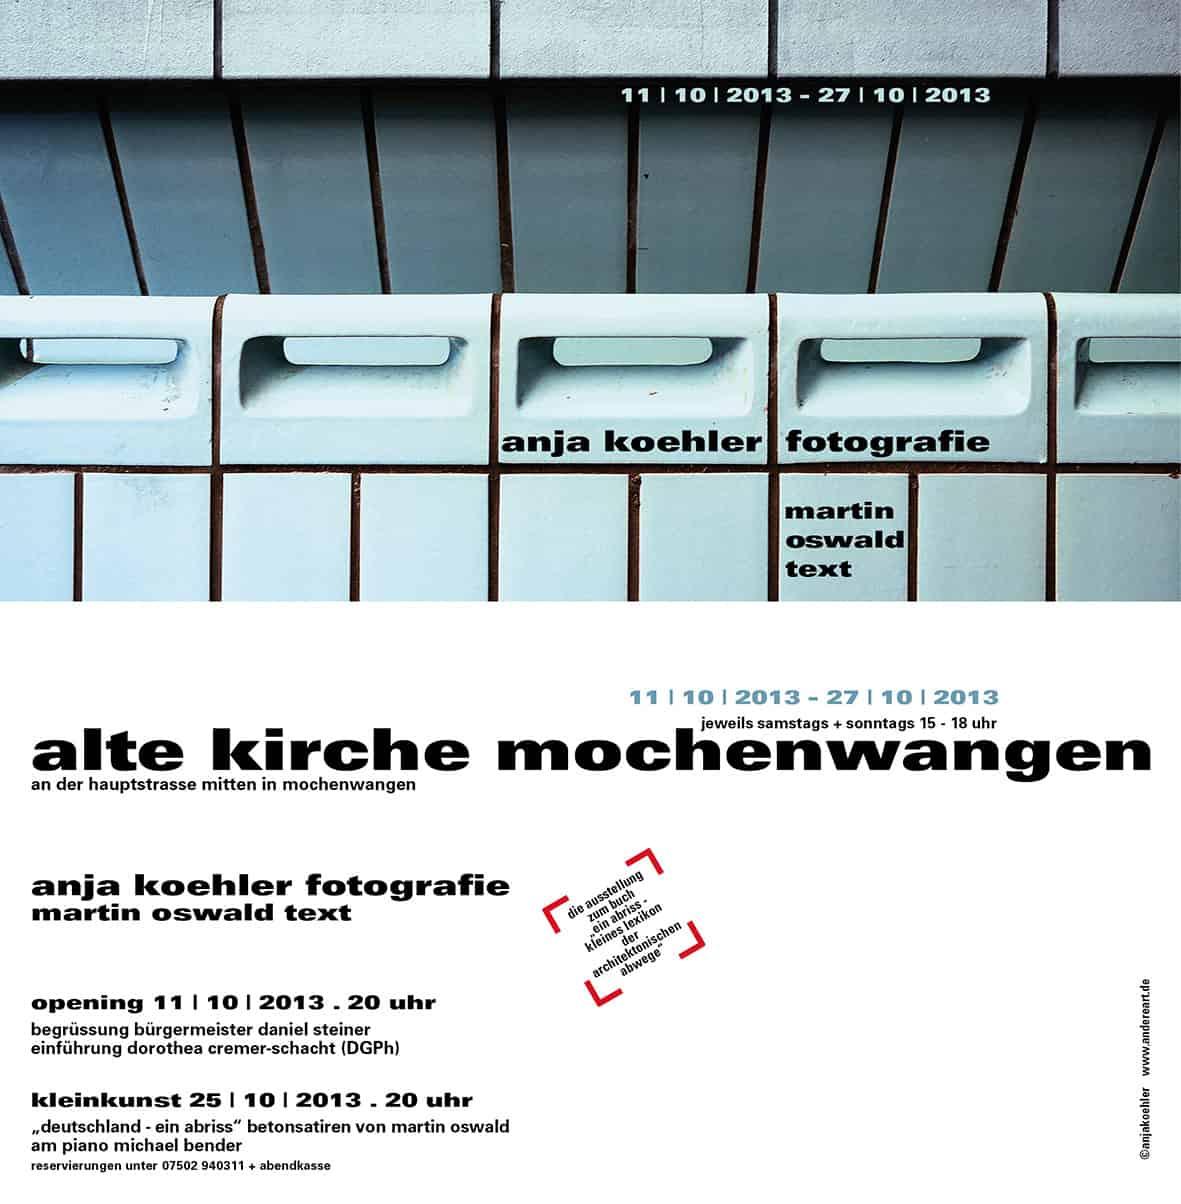 Anja Köhler: Fotografie